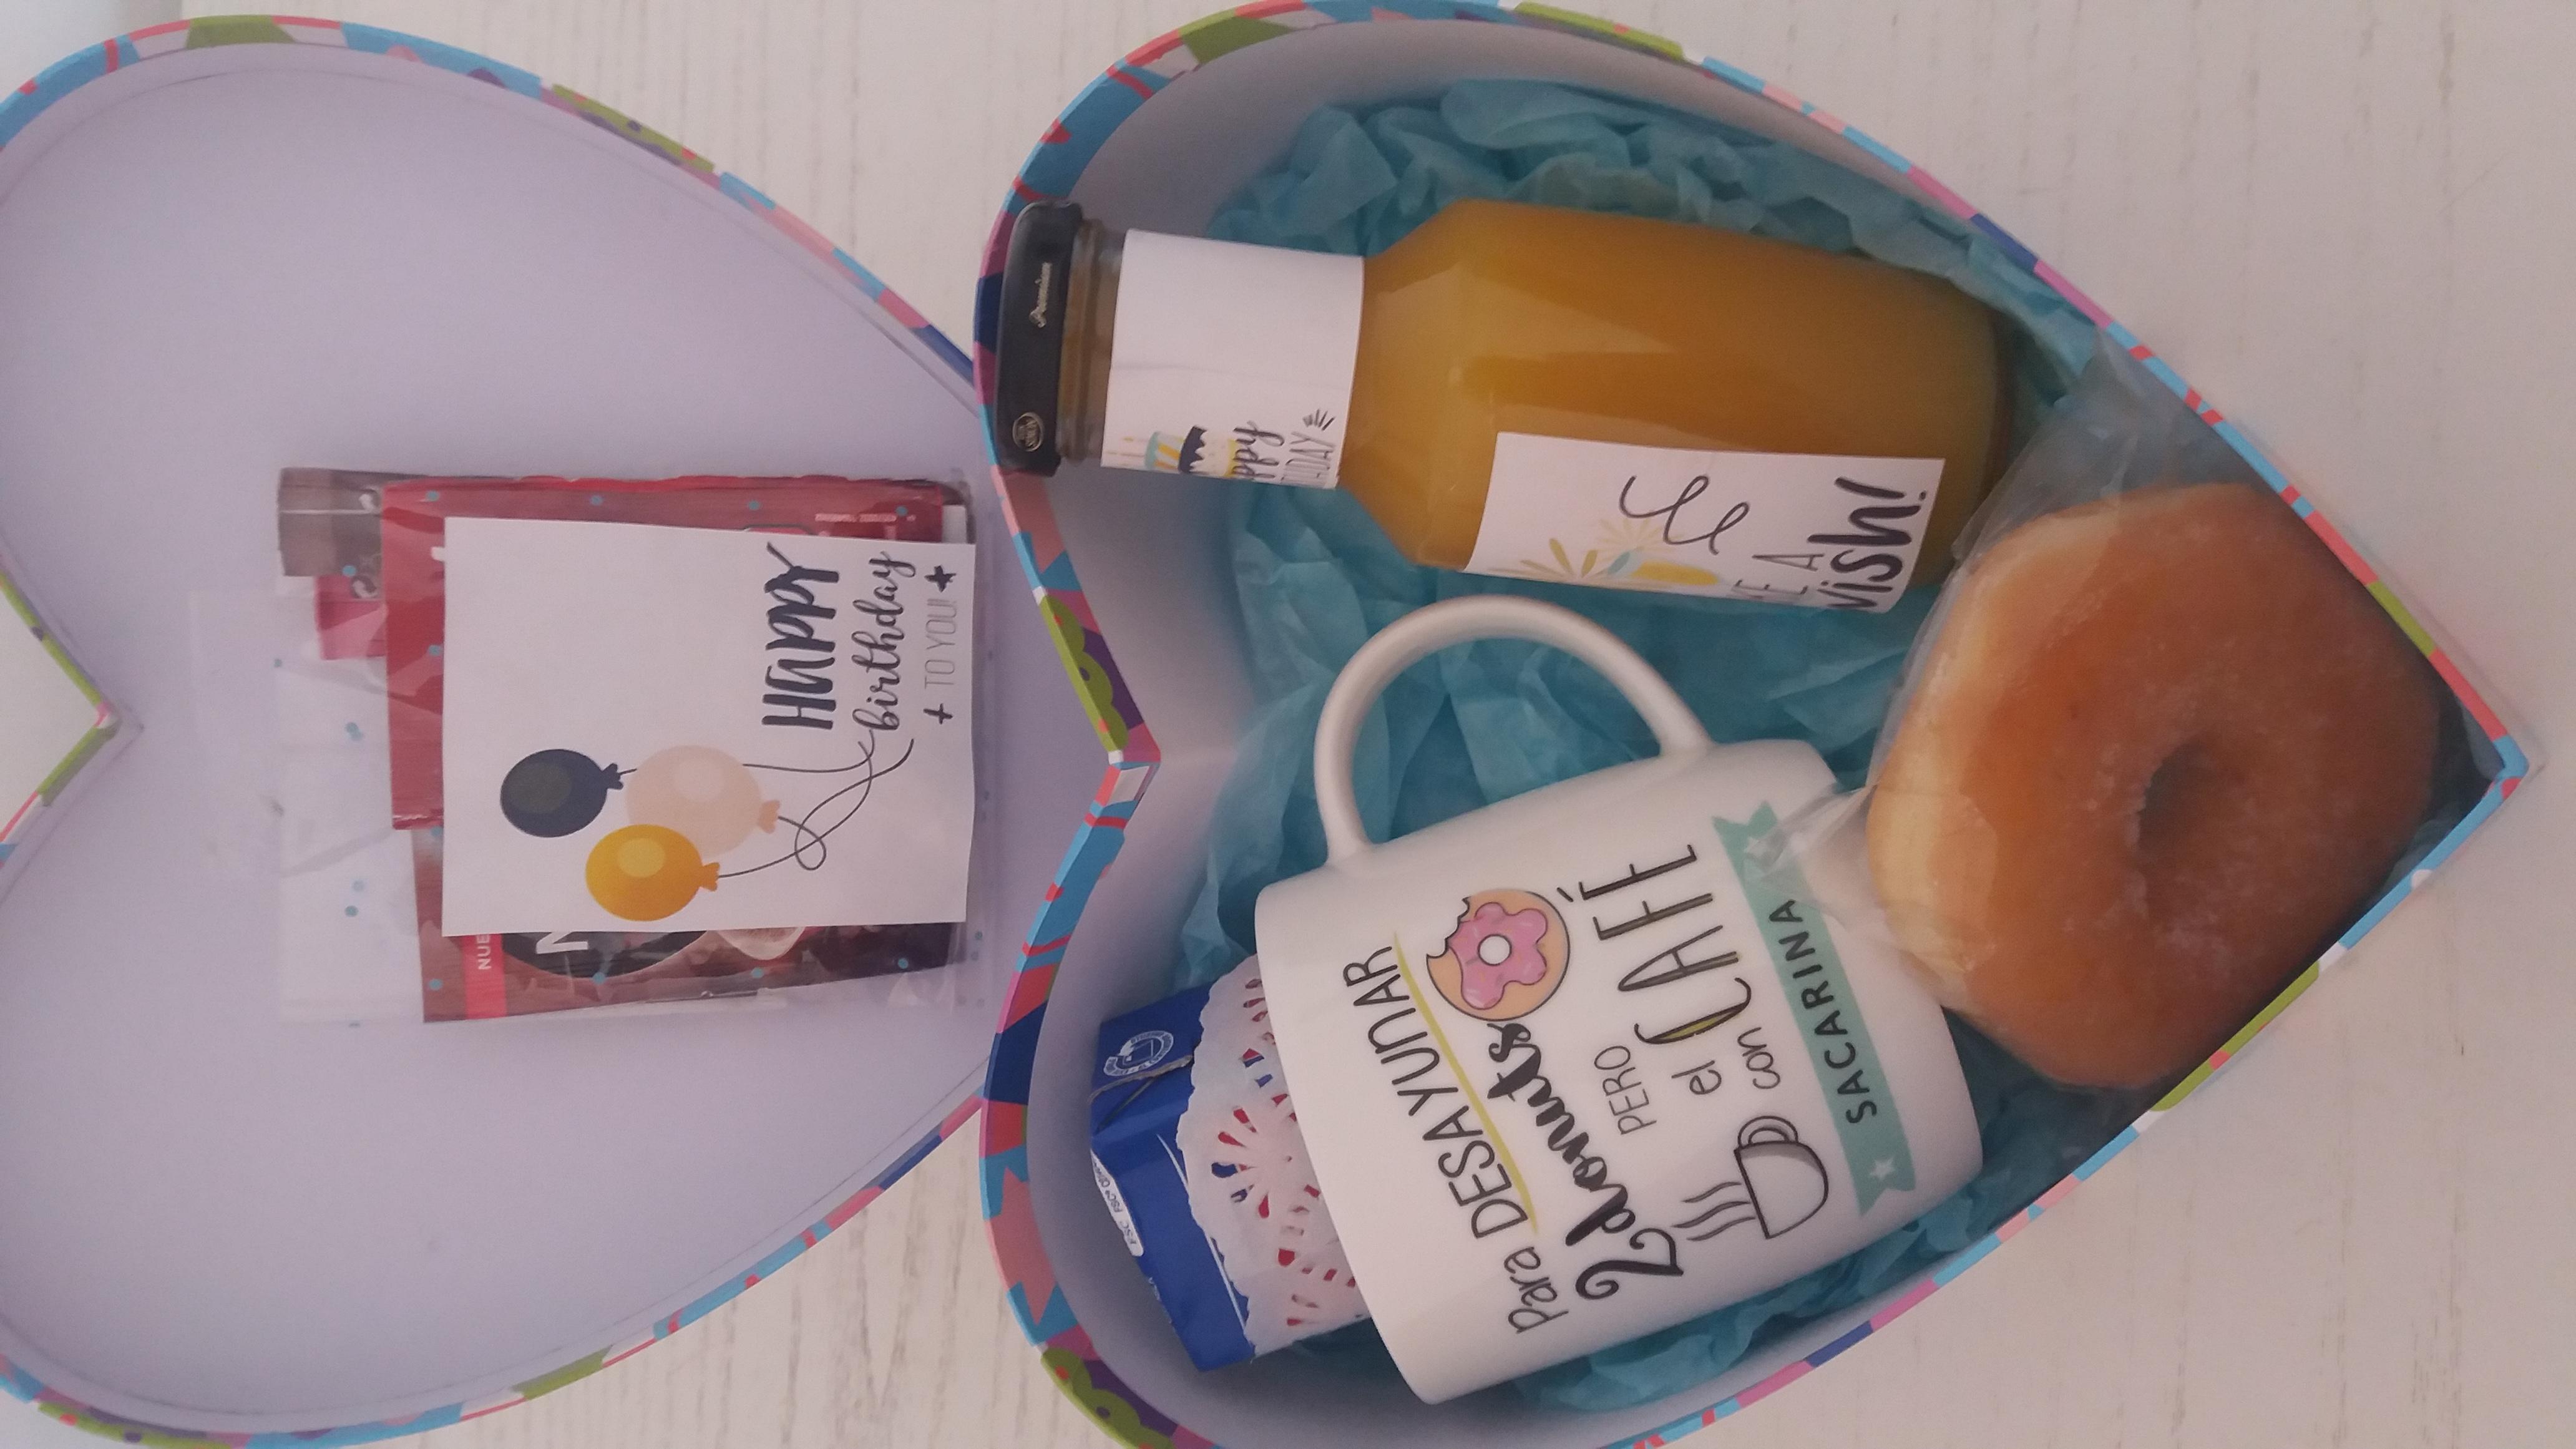 Desayuno eres especial, desayuno sorpresa